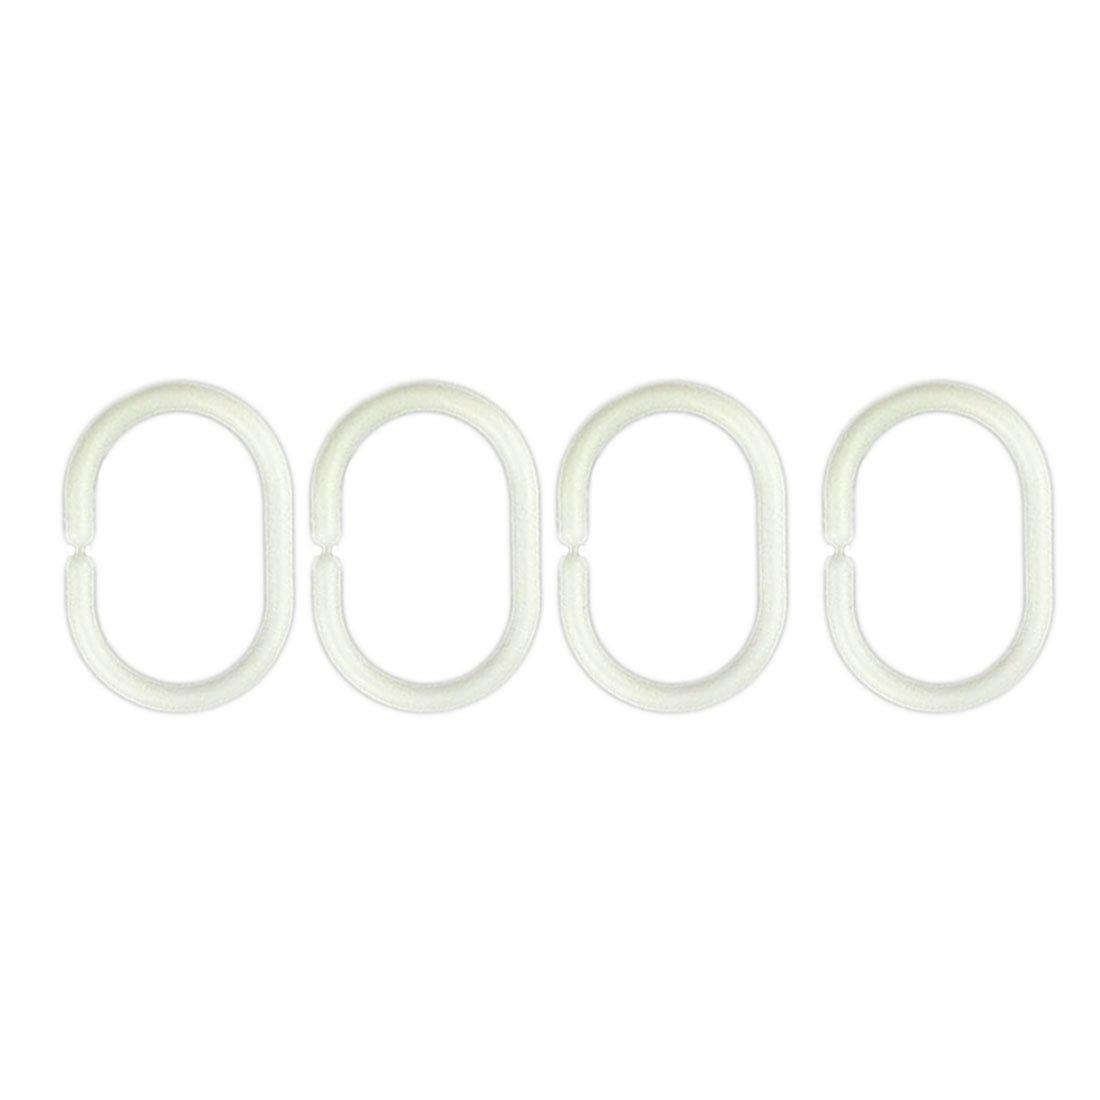 C Type Shower Curtain Hooks Shower Curtain Ring White 12 Pcs Luwu-Store